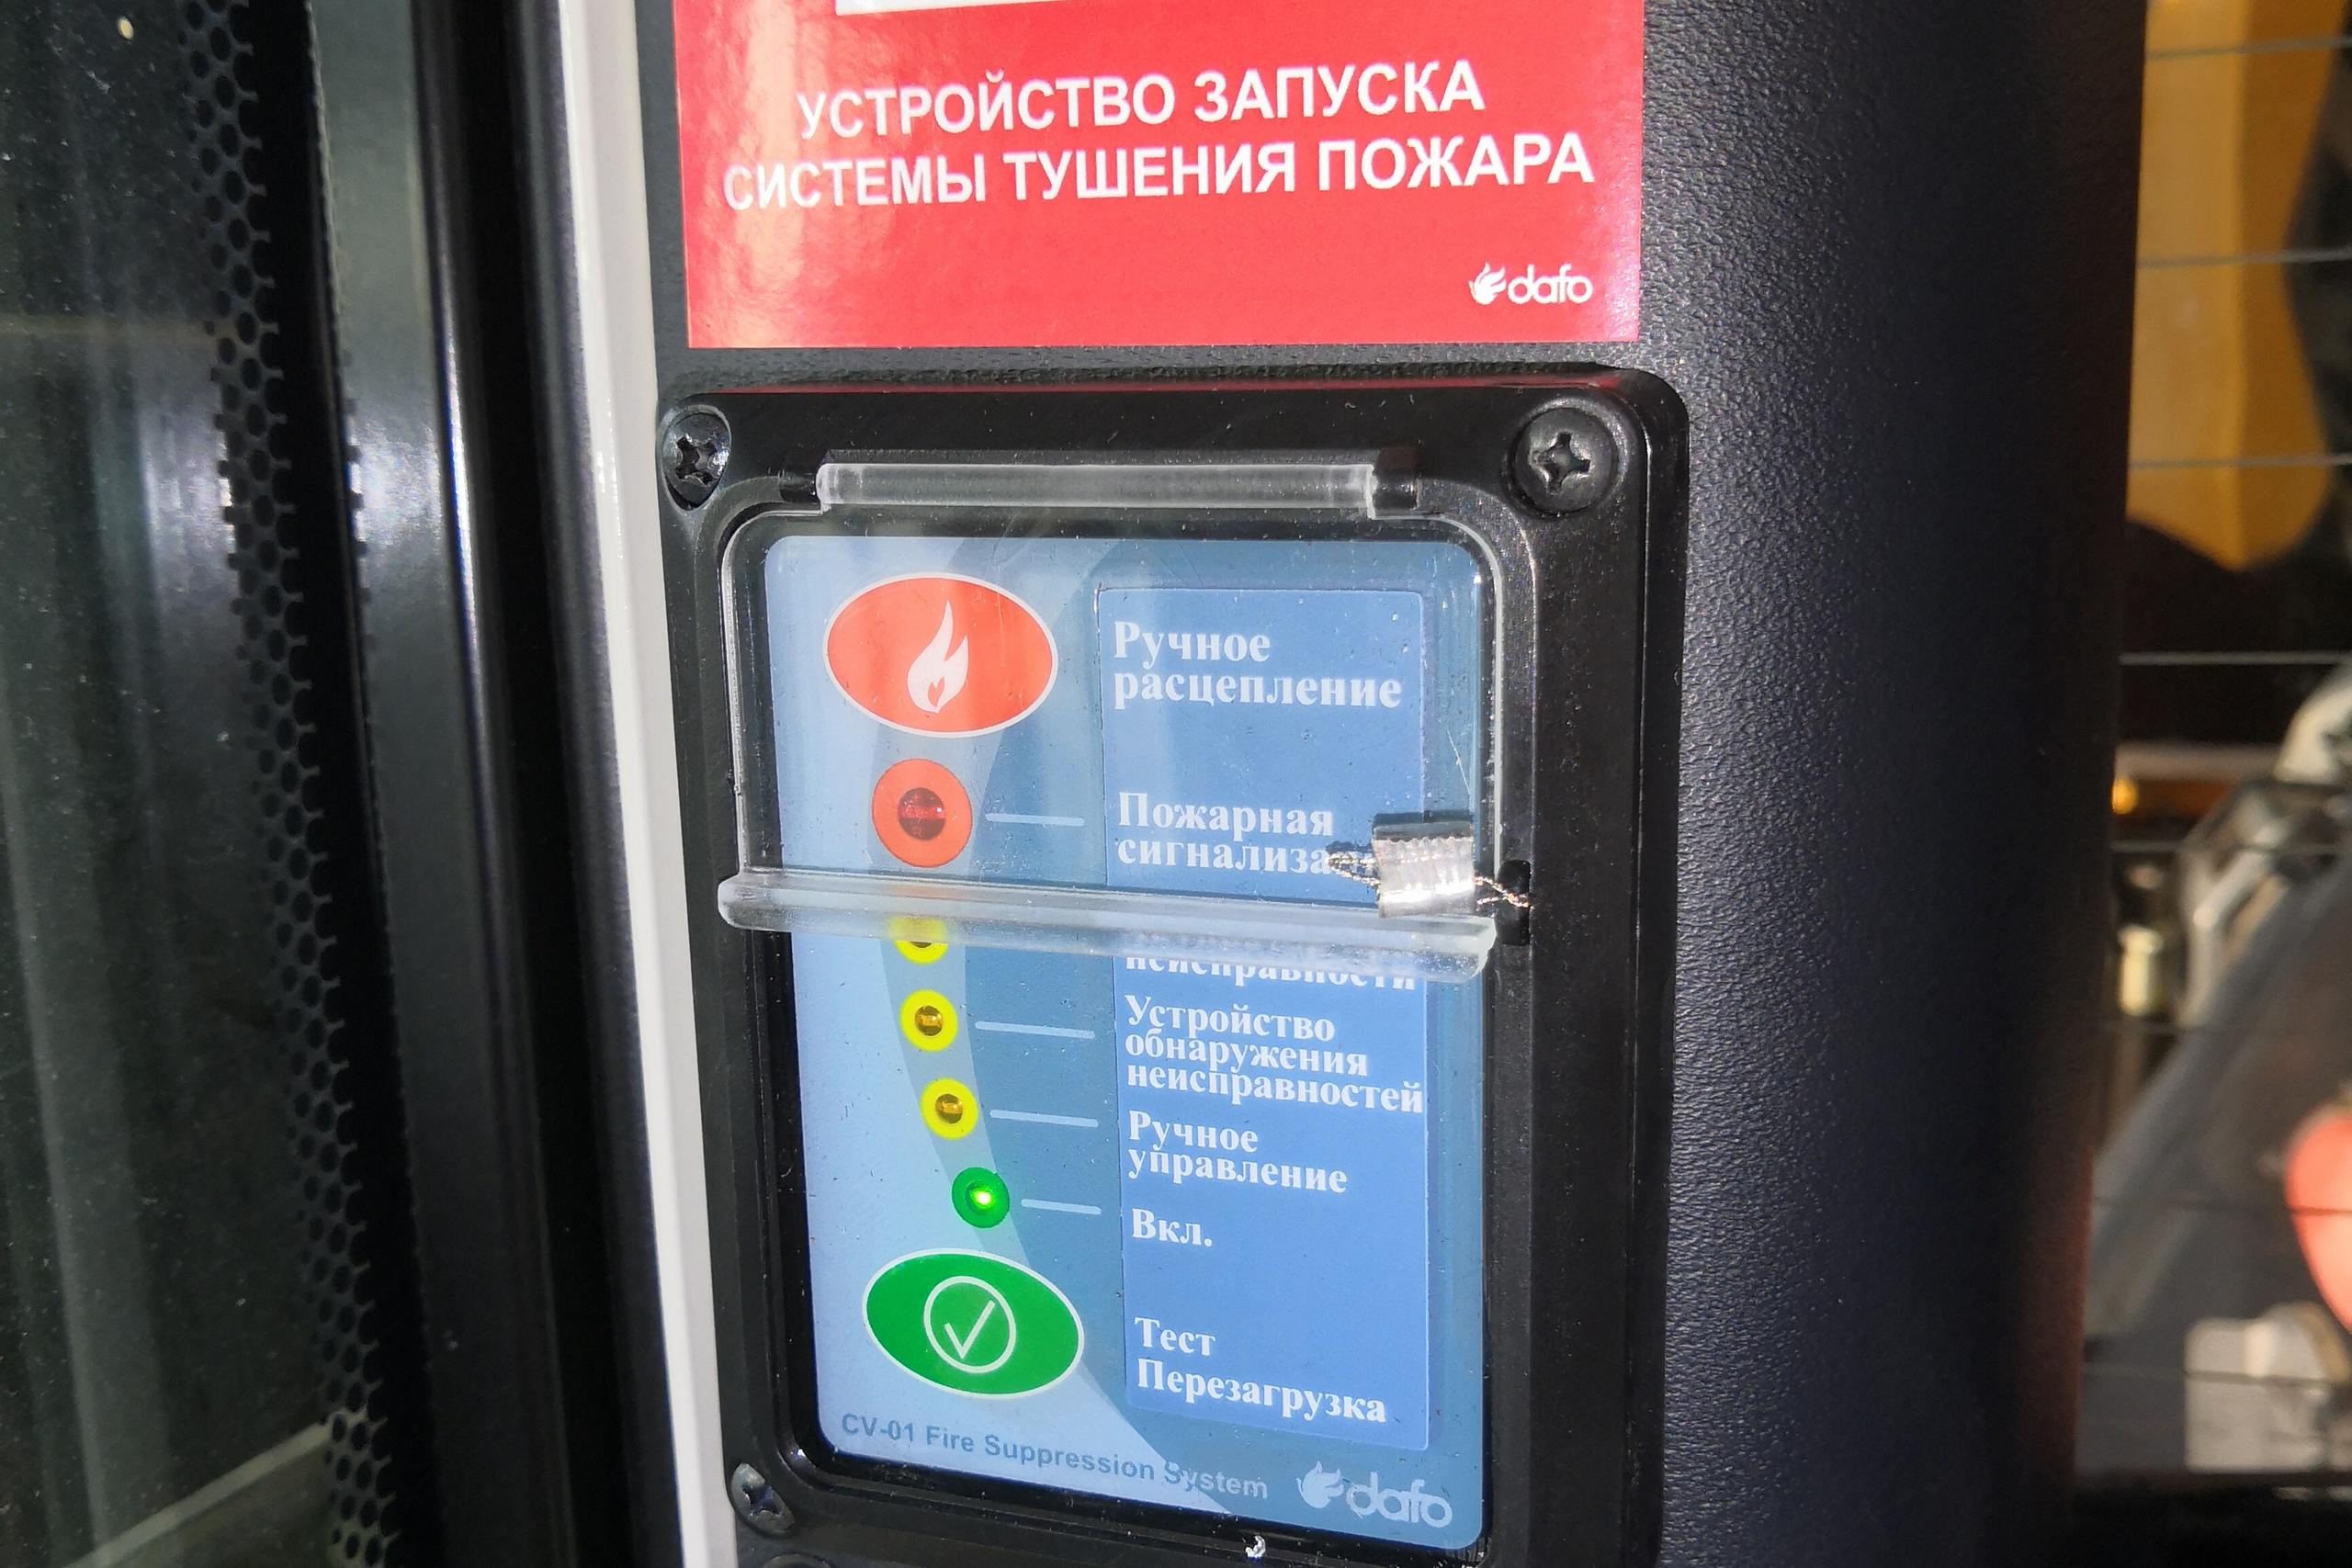 автоматические системы пожаротушения москва